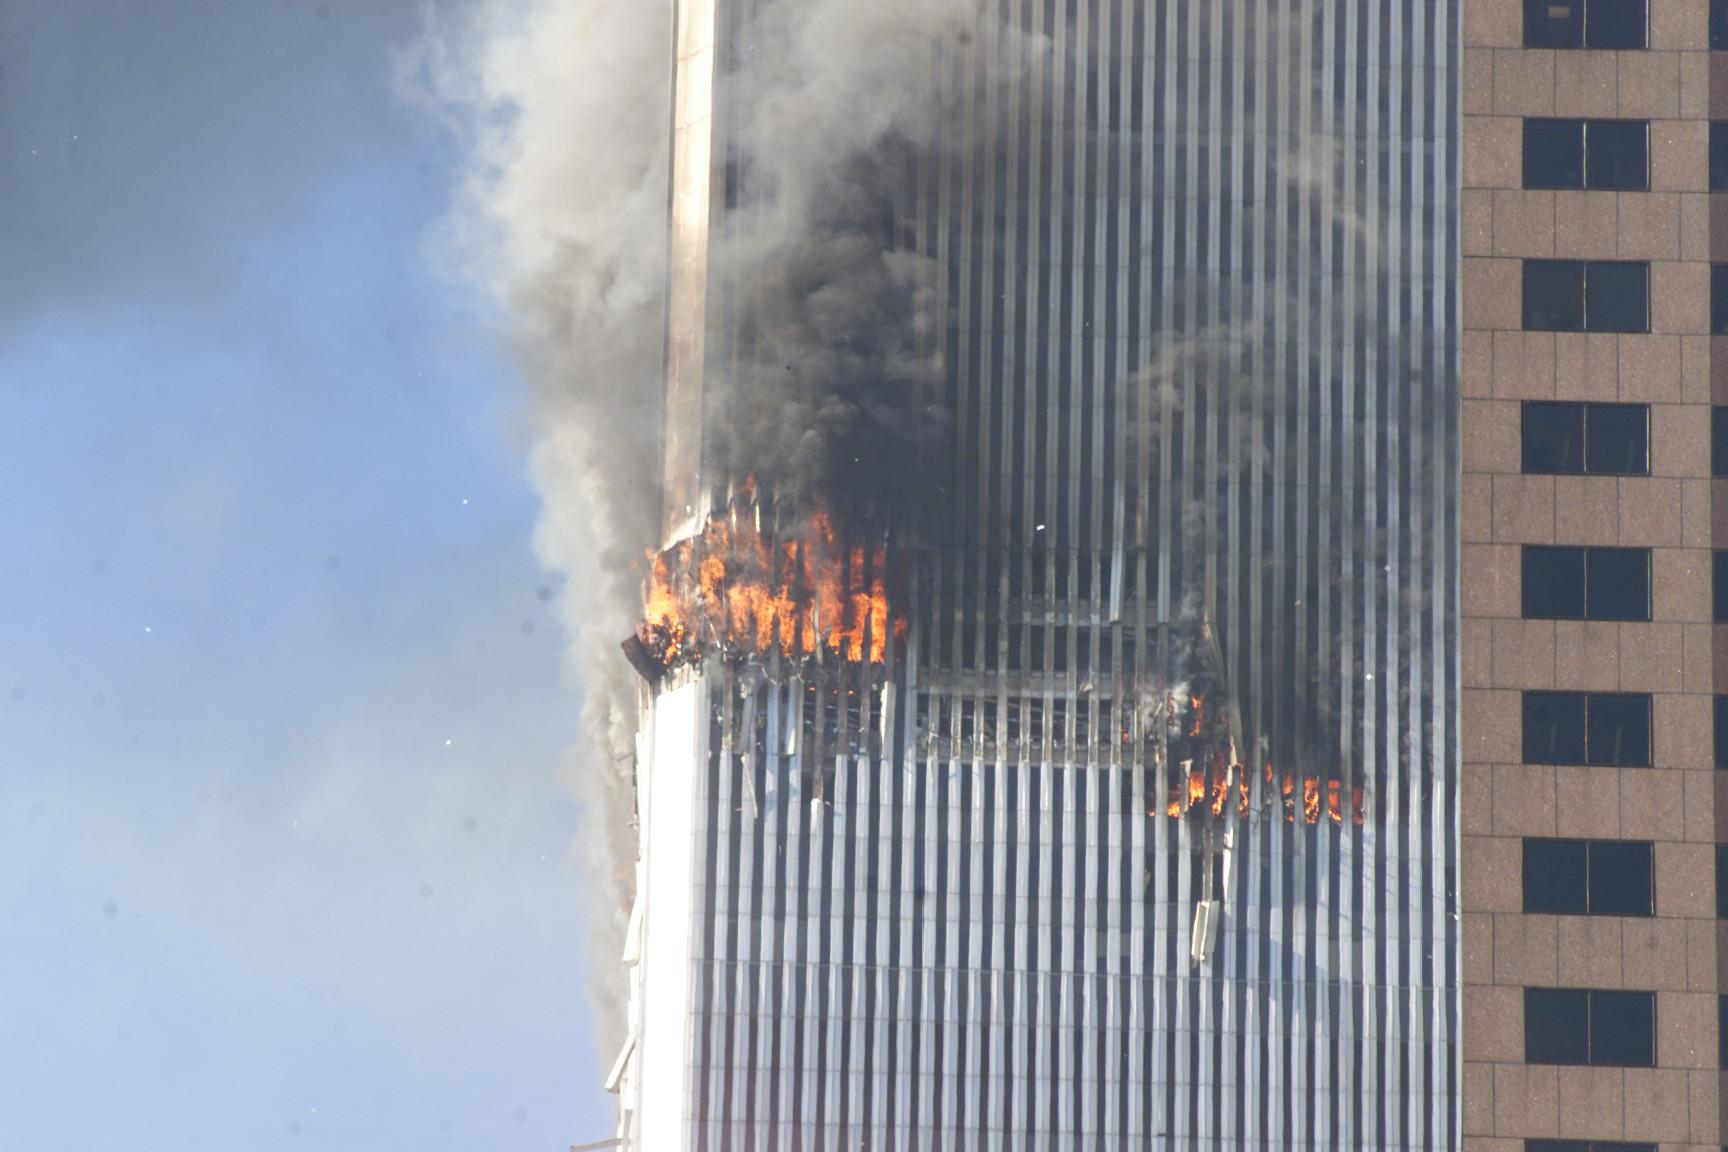 美國,九一一,恐怖攻擊,海珊,伊拉克,阿富汗,蓋達組織,川普,俄羅斯,中共,兩岸關係